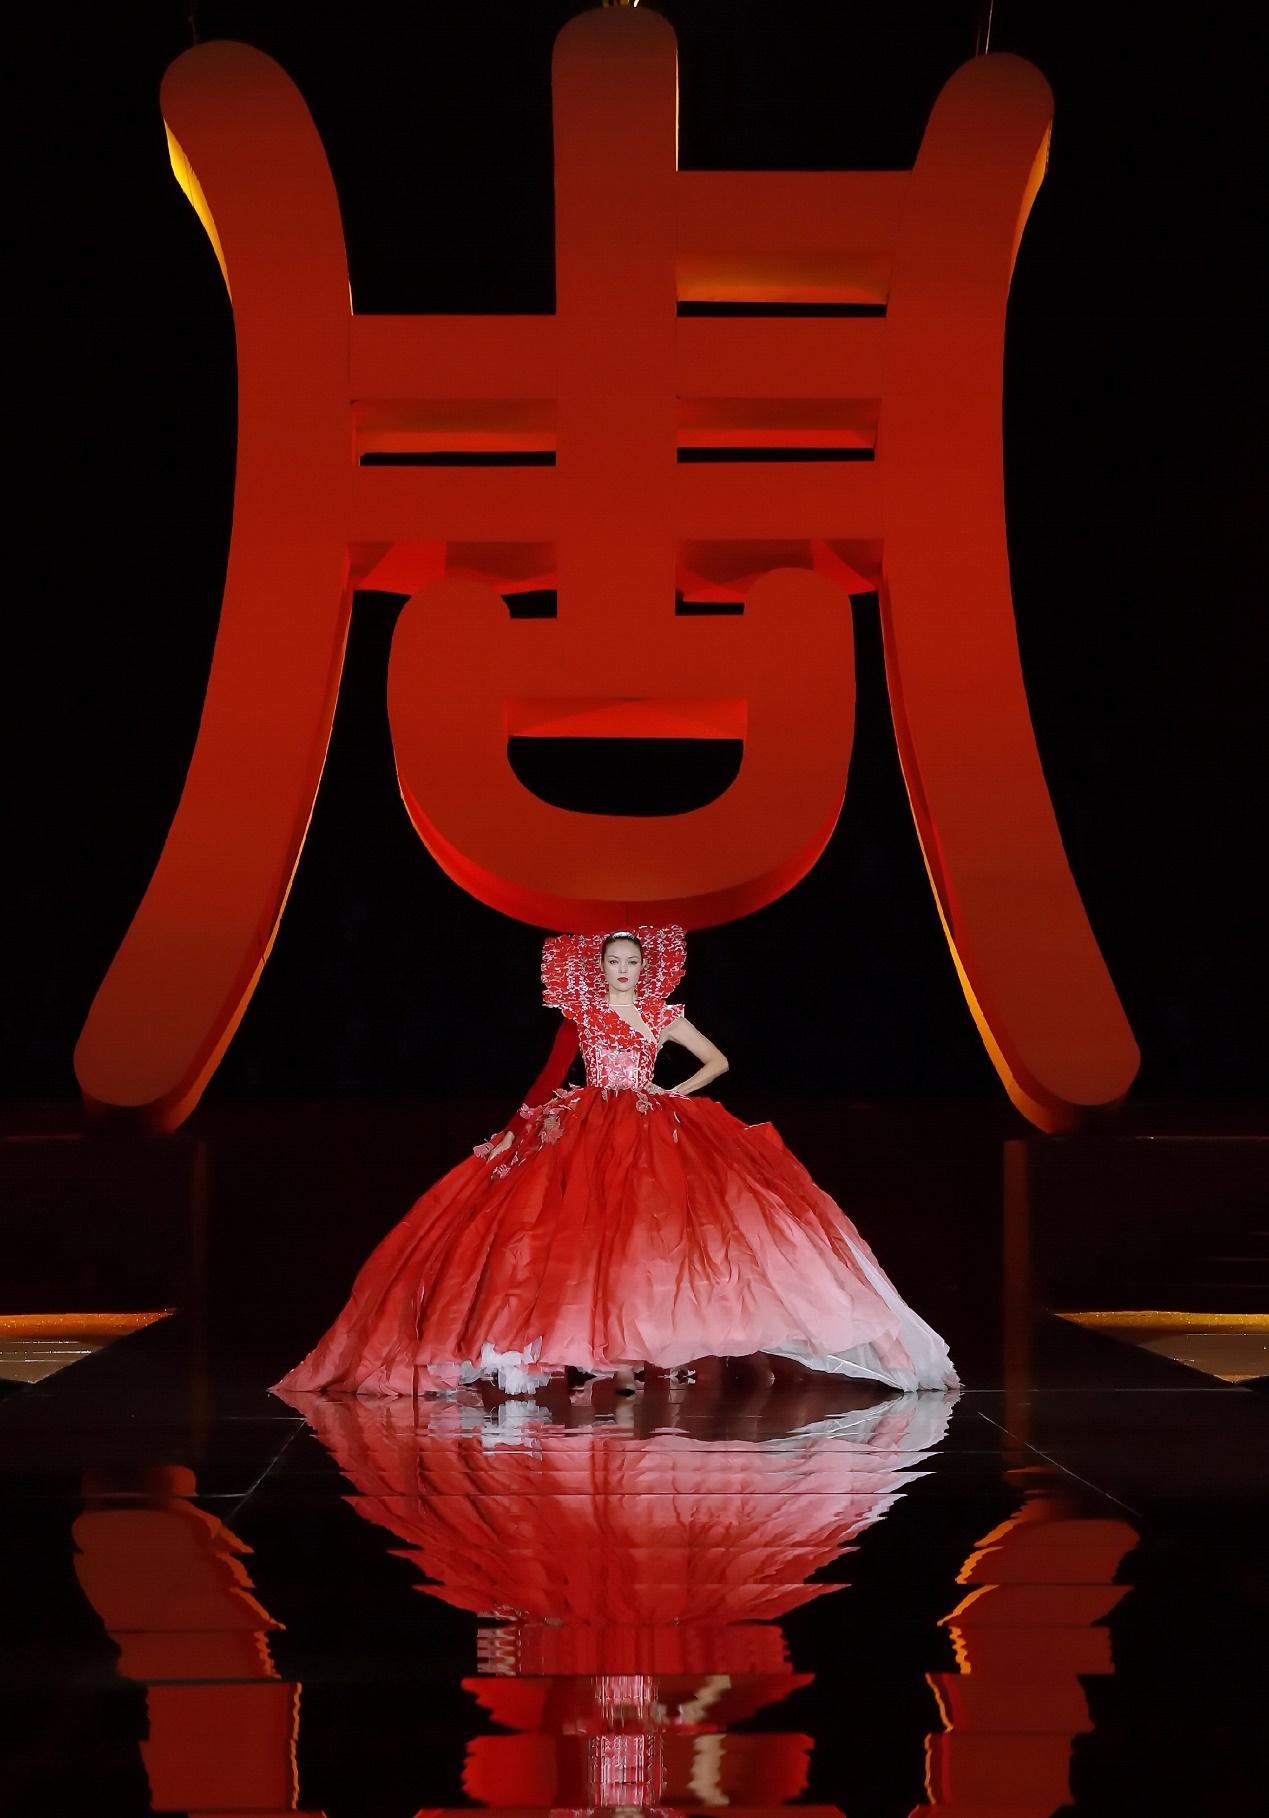 马艳丽携Maryma高定时装秀完美落幕商周大会